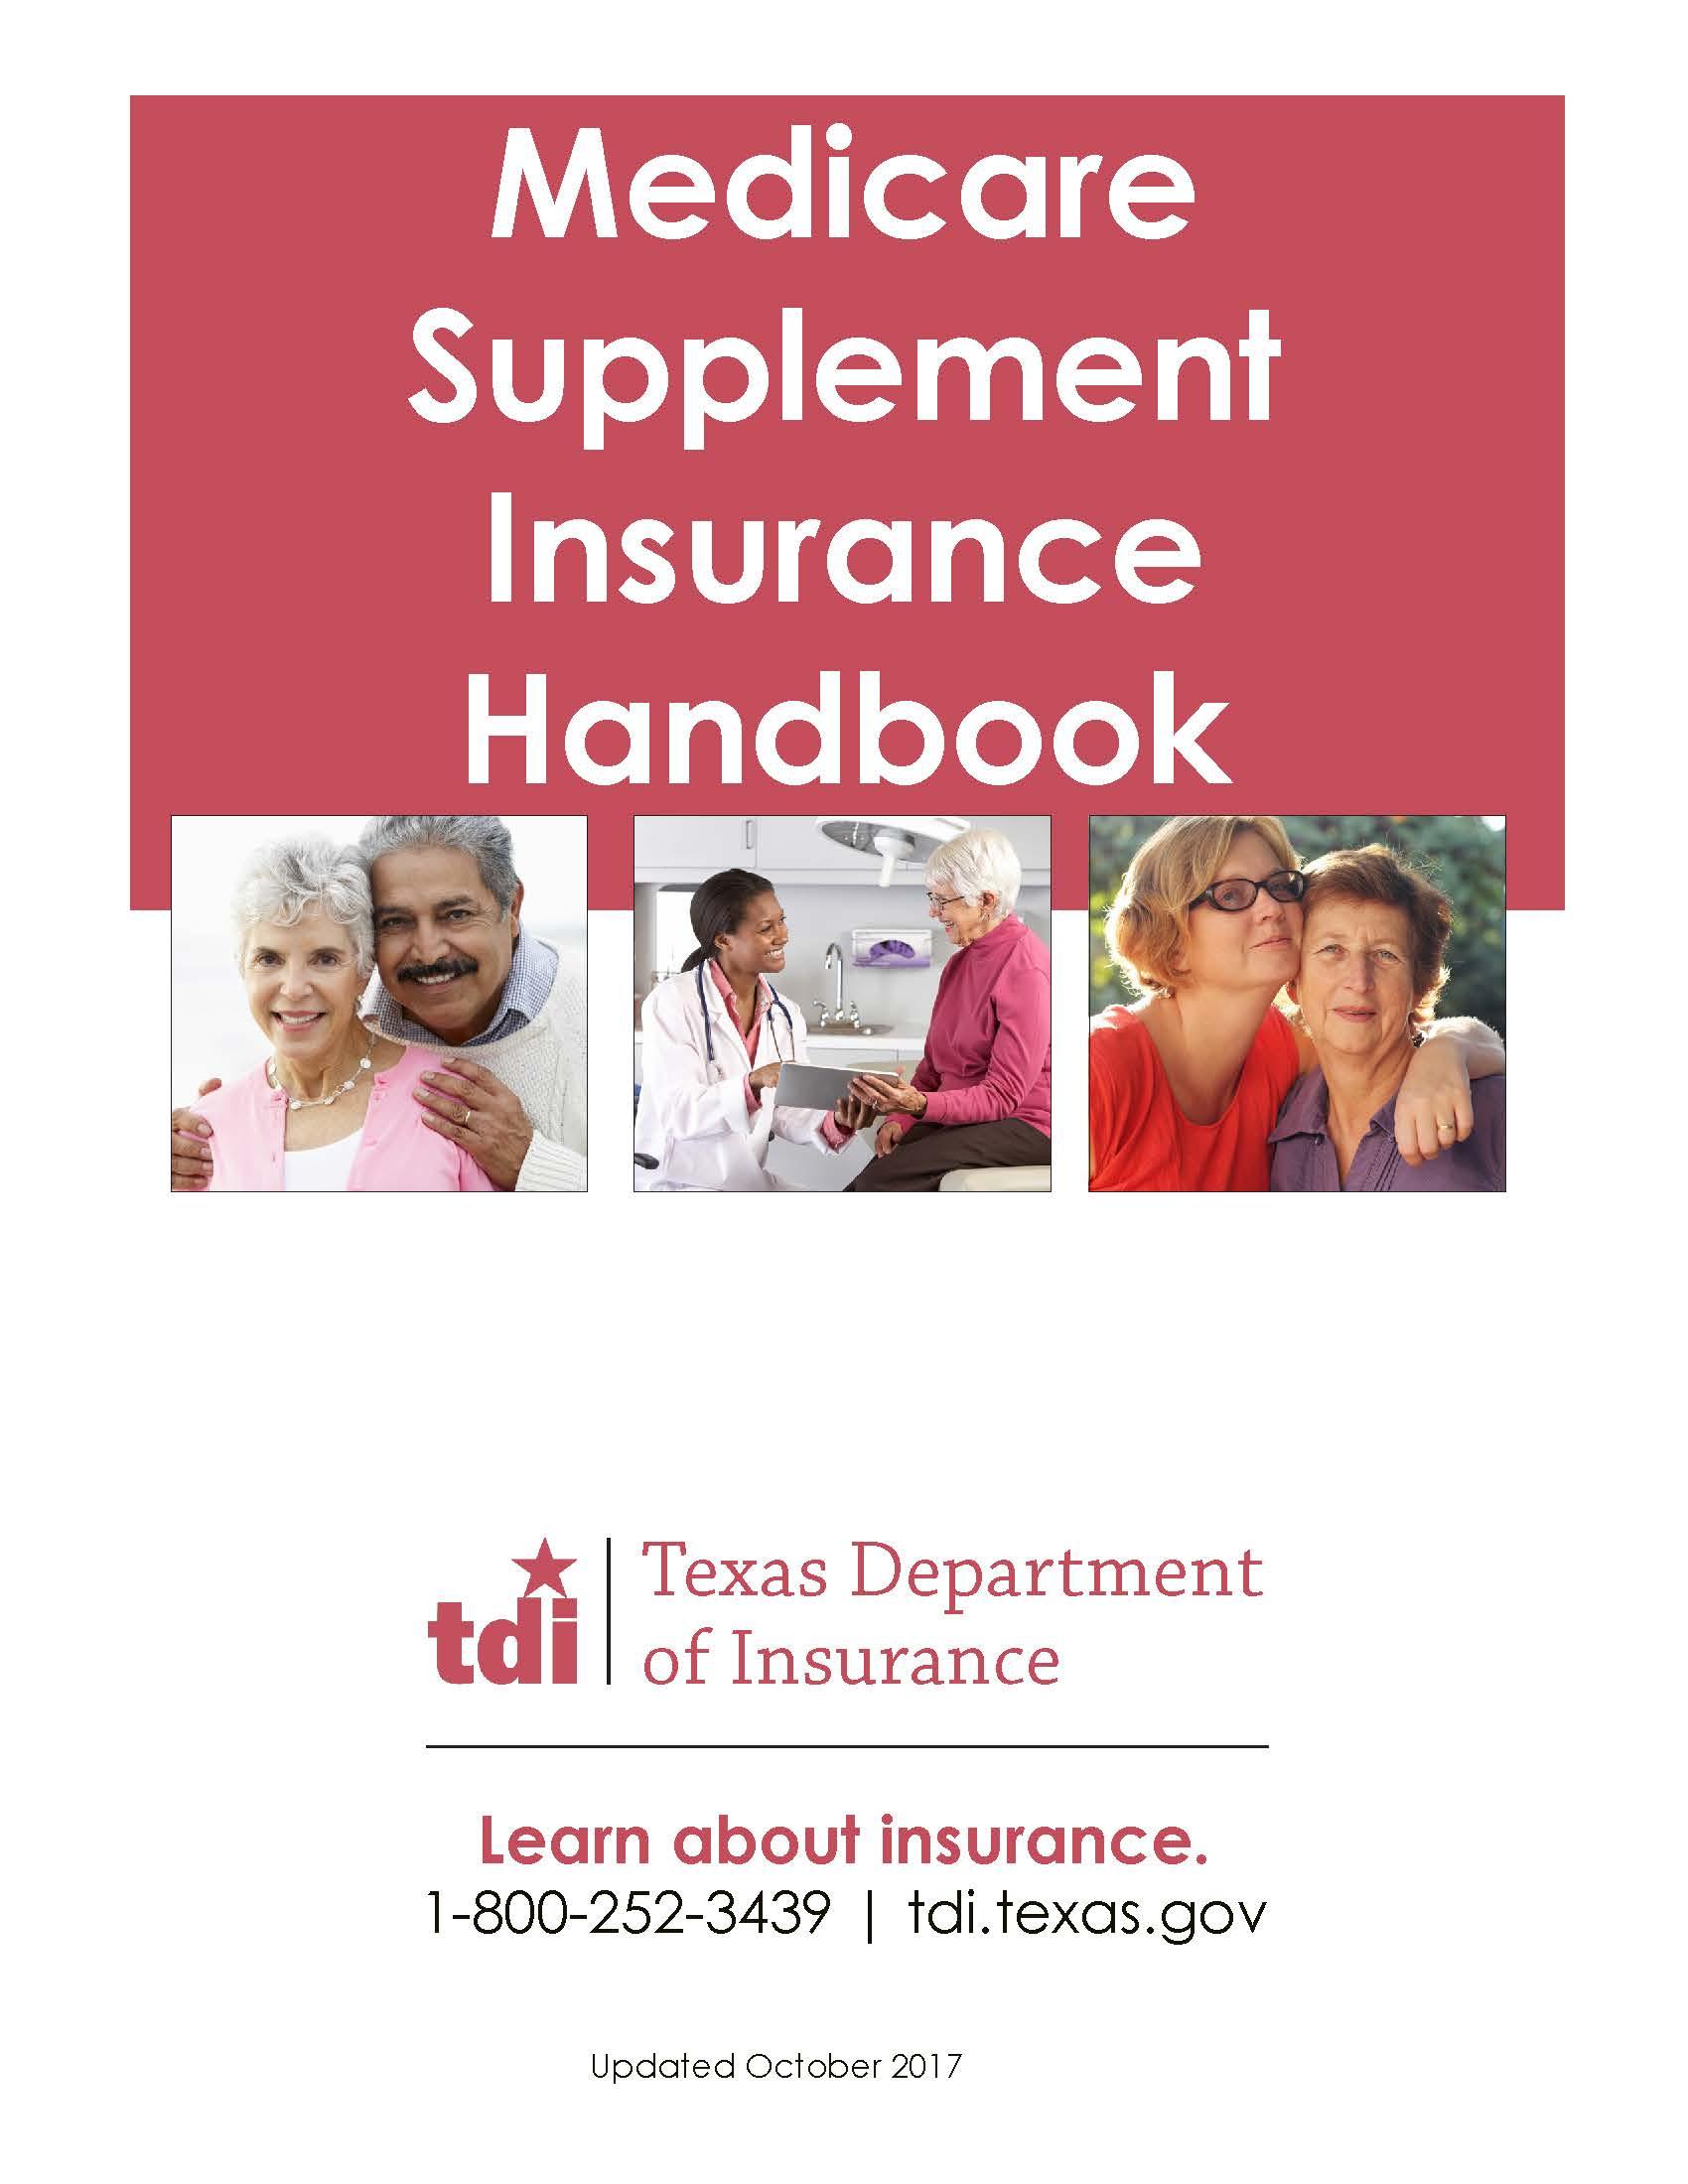 Medicare Supplement Insurance Handbook 2017.jpg